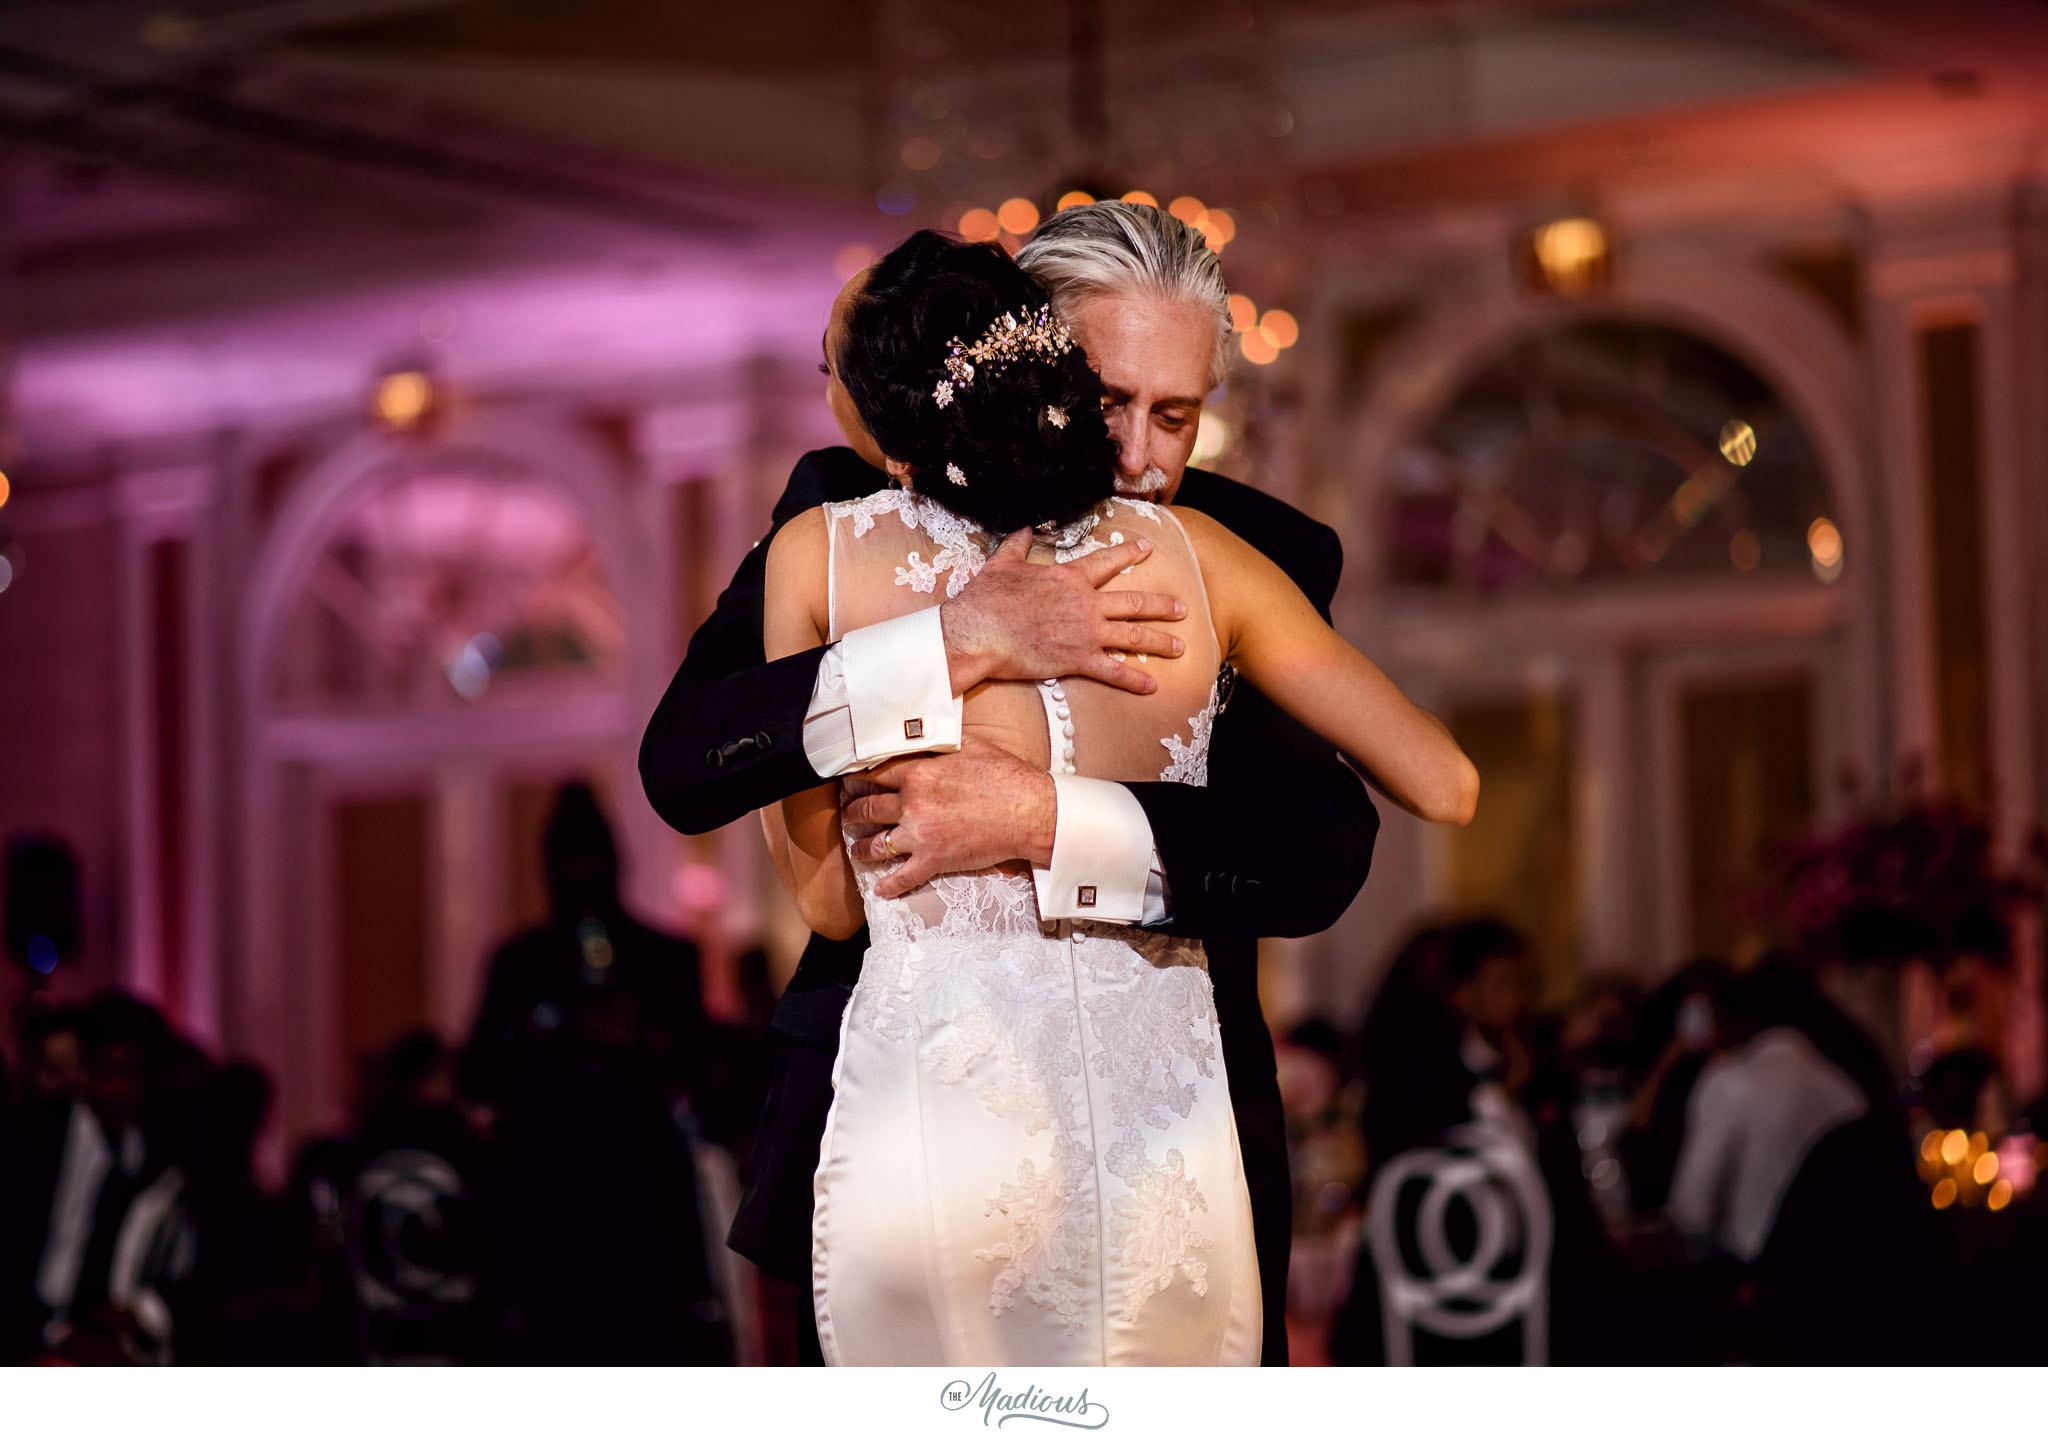 Fairmont Hotel DC Wedding 40.JPG